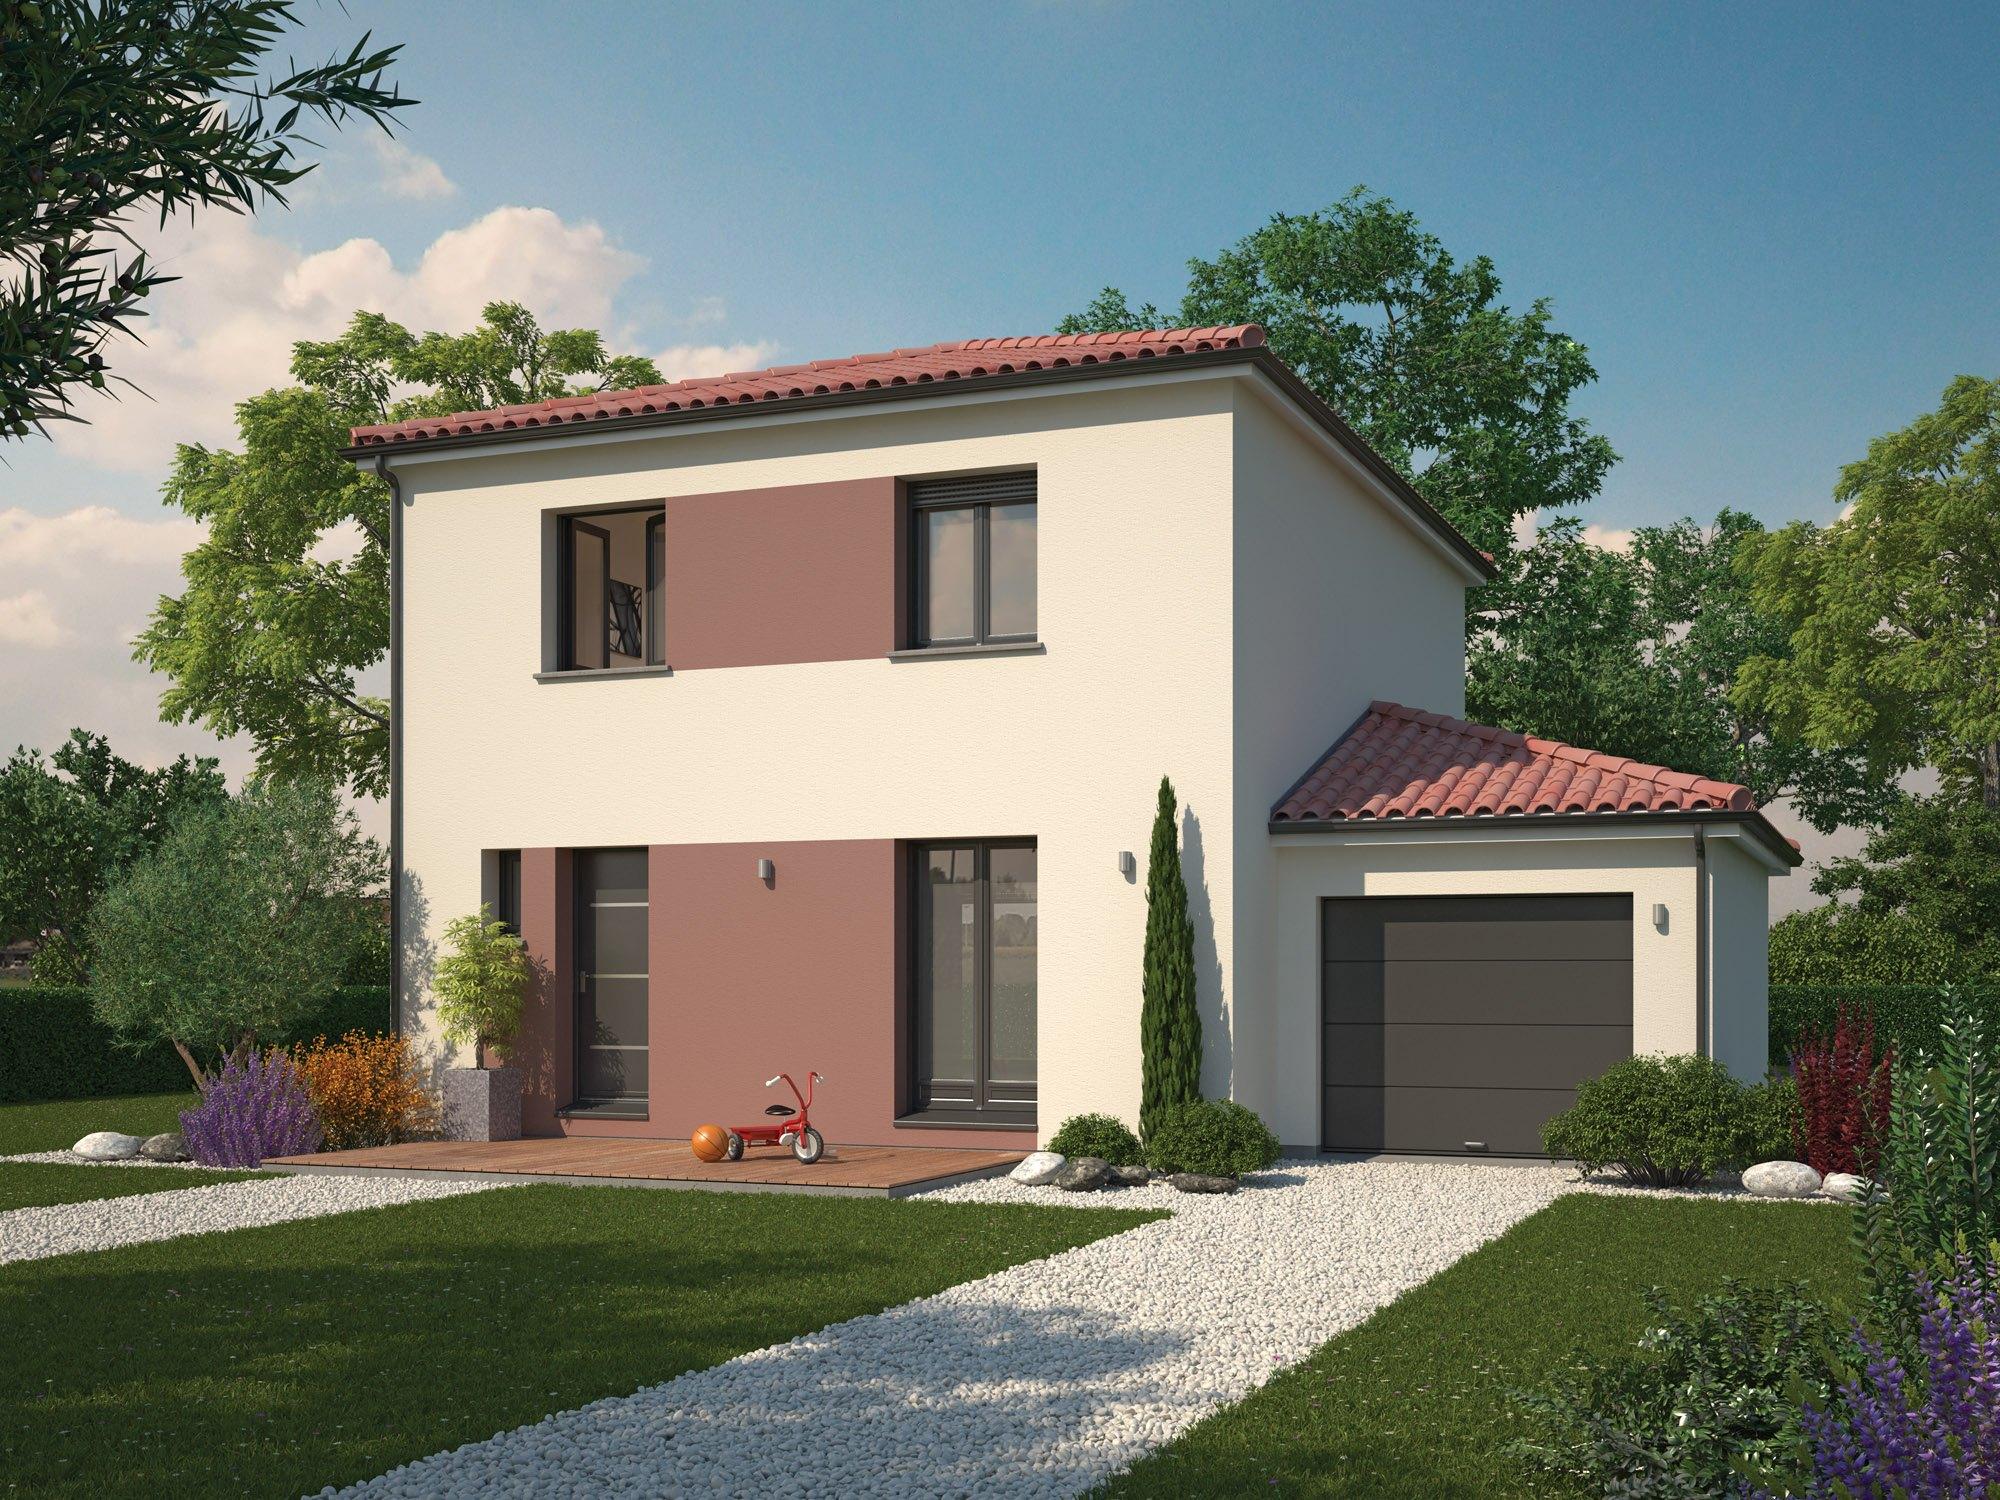 Maisons + Terrains du constructeur MAISON FAMILIALE • 100 m² • VAULX EN VELIN